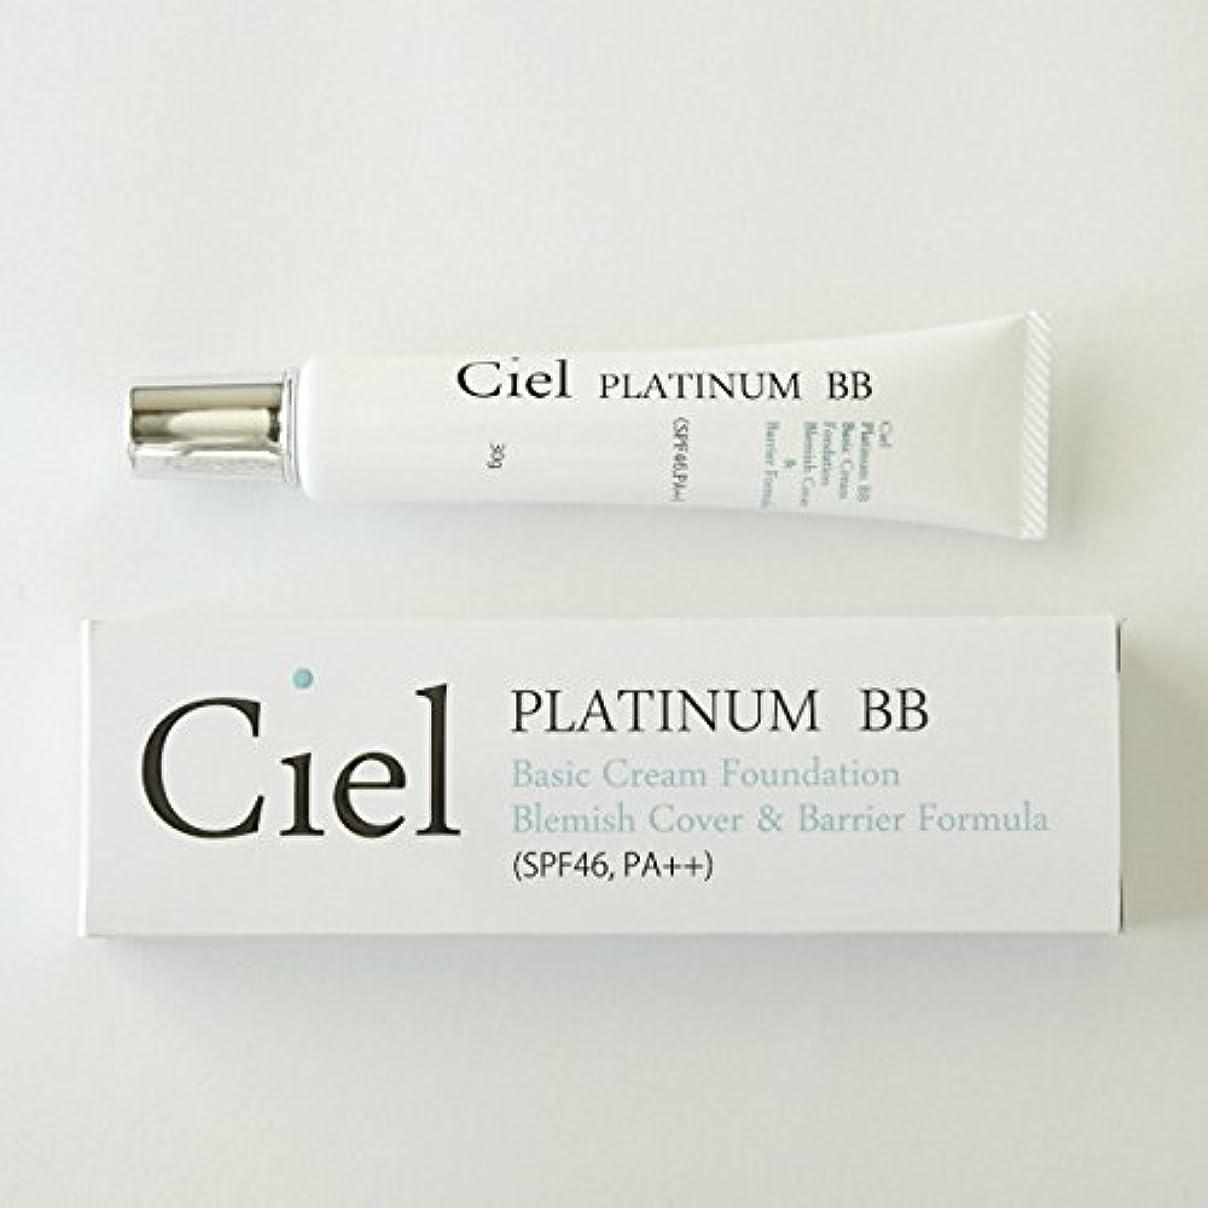 限られた目の前の物語Ciel Salon de Beaute Ciel PLATINUM BB SPF46 BBクリーム ファンデーション 日本製 日焼け止め